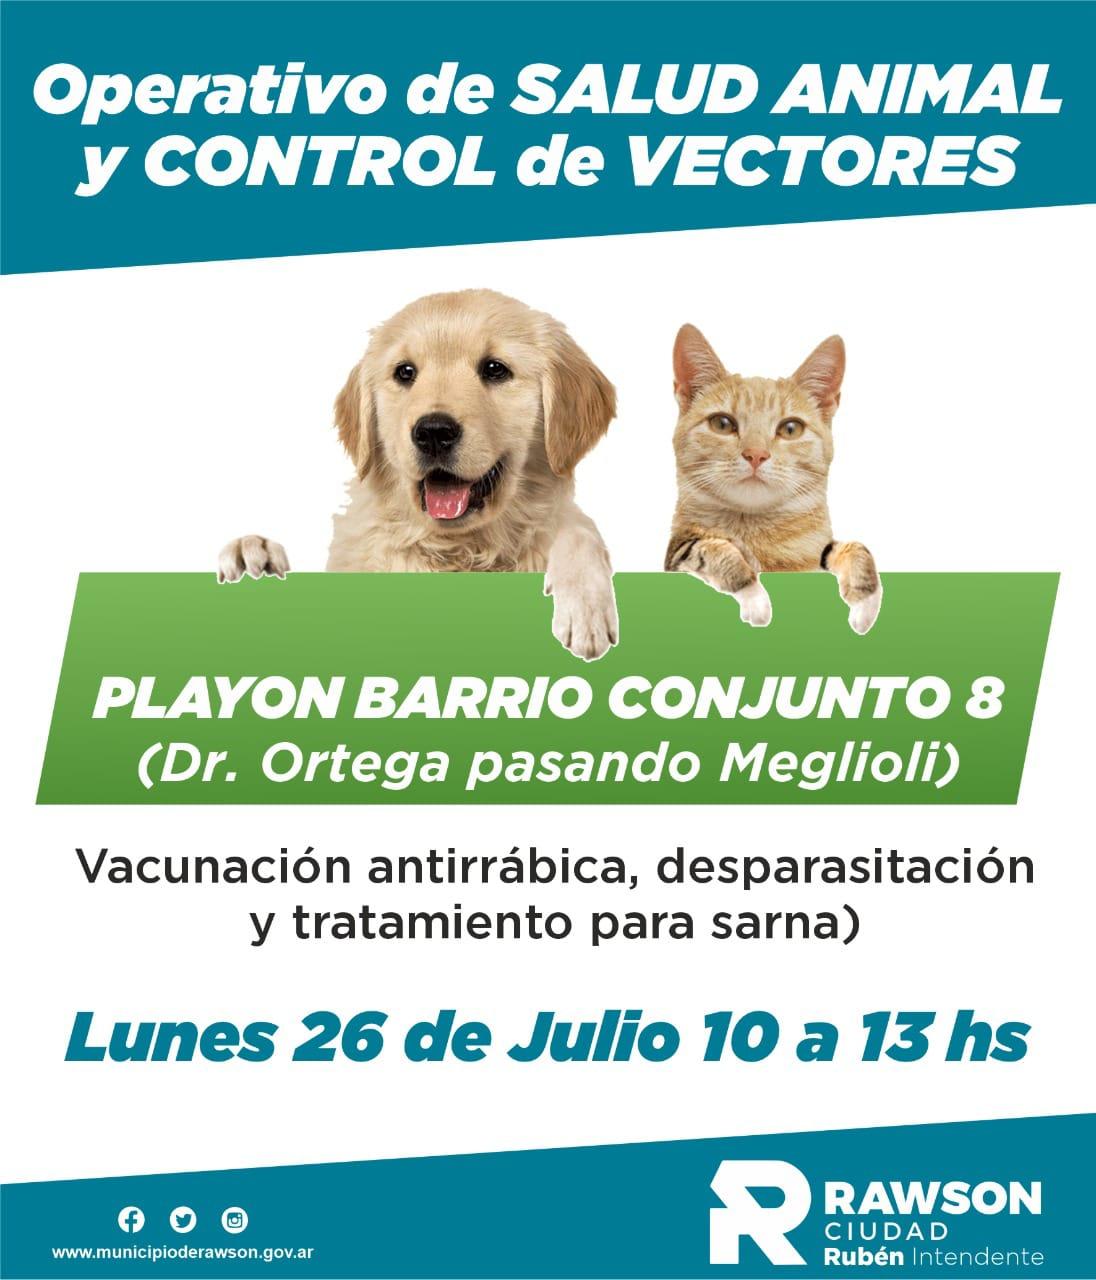 Operativo de salud animal en Rawson